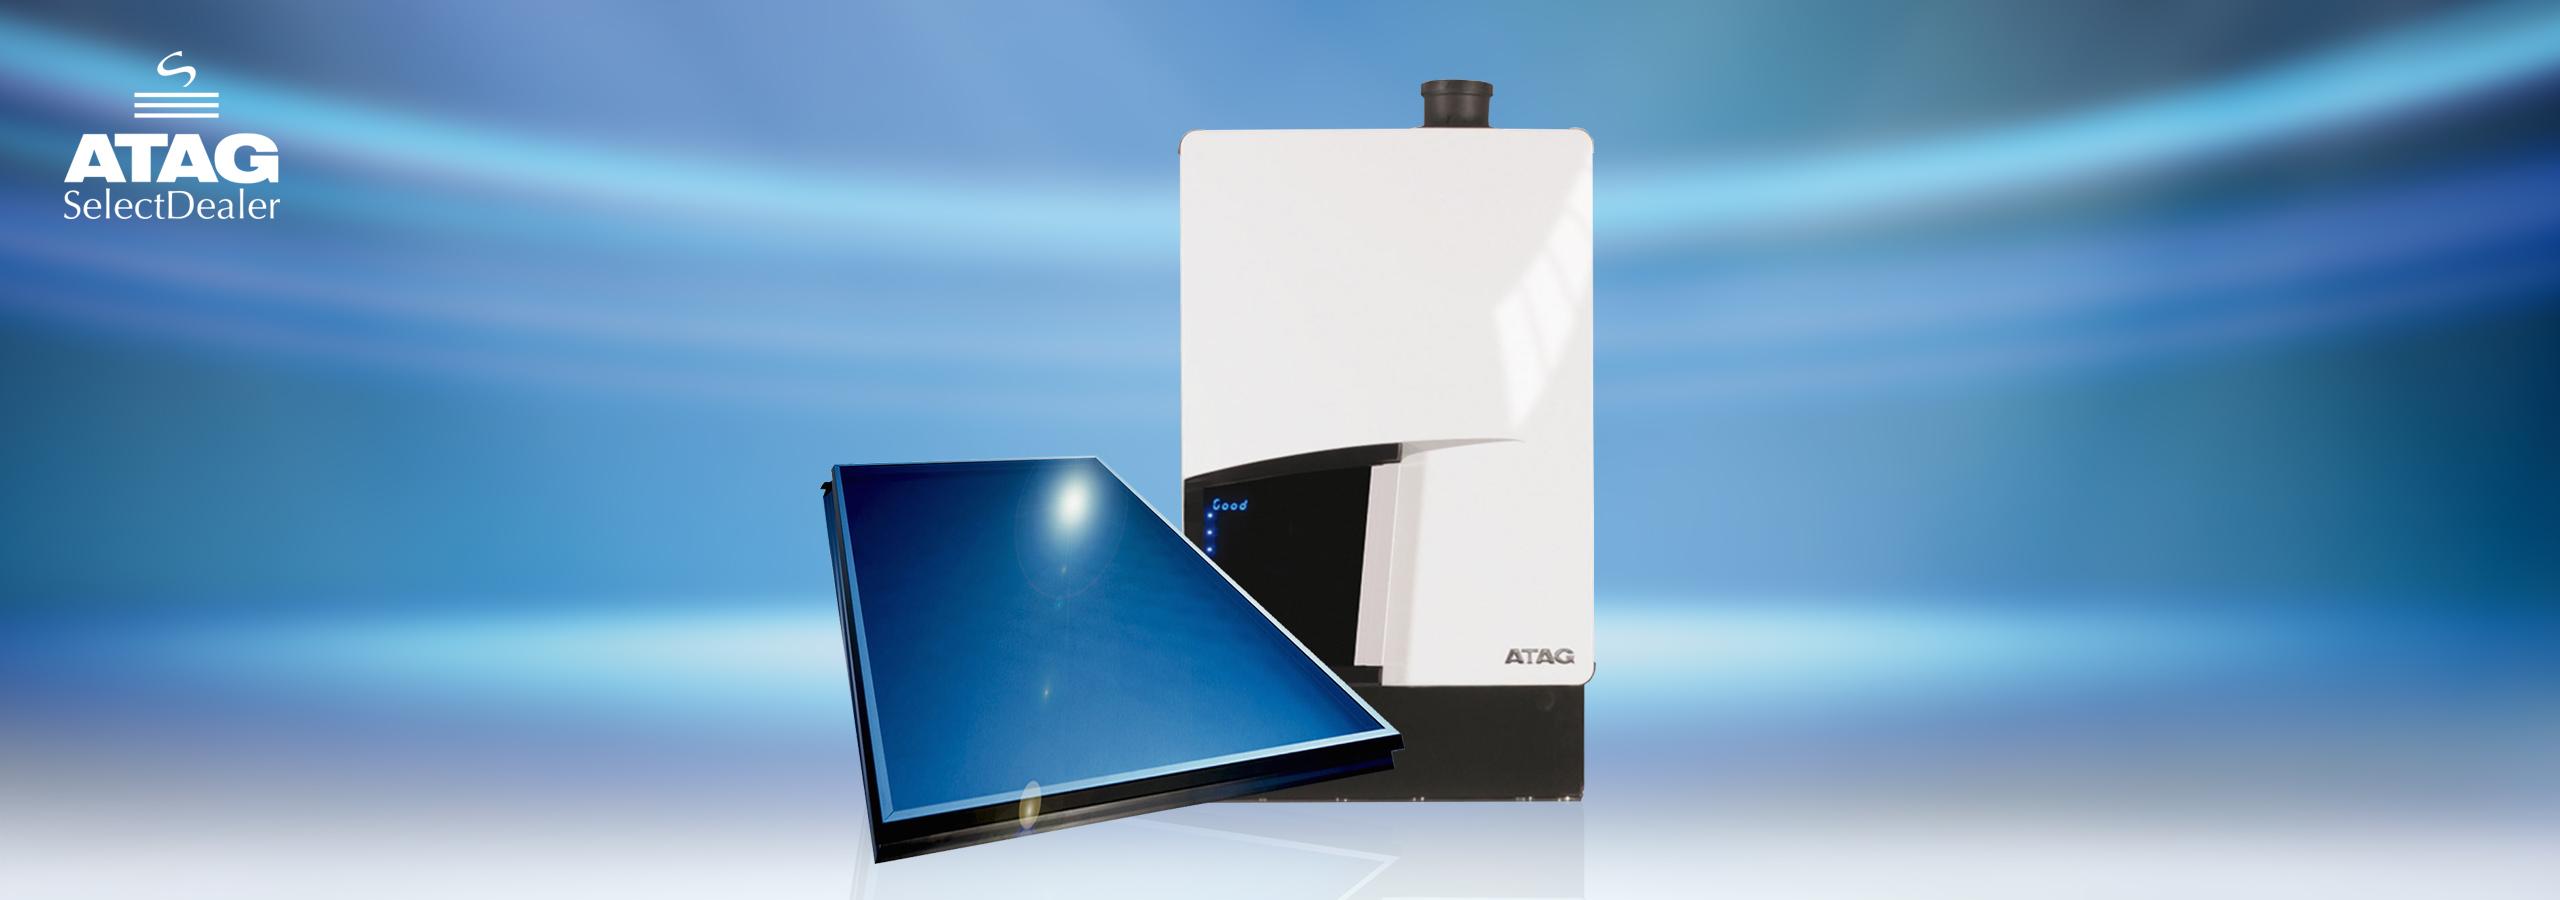 slide-tabafbeelding-cv-ketels-zonnepaneel